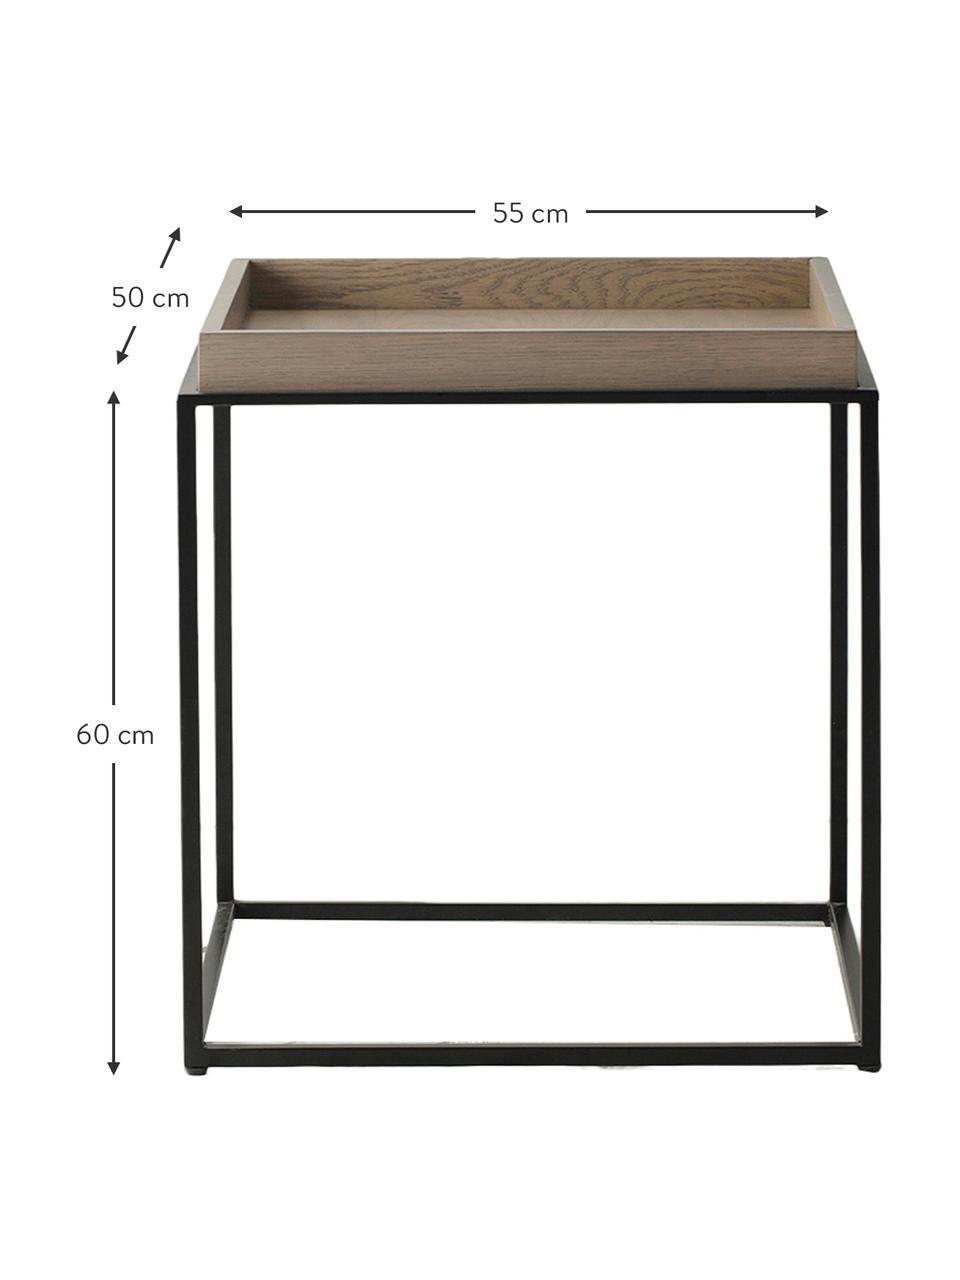 Stolik pomocniczy z drewna i metalu Forden, Blat: płyta pilśniowa średniej , Stelaż: metal lakierowany, Brązowy, S 55 x W 60 cm